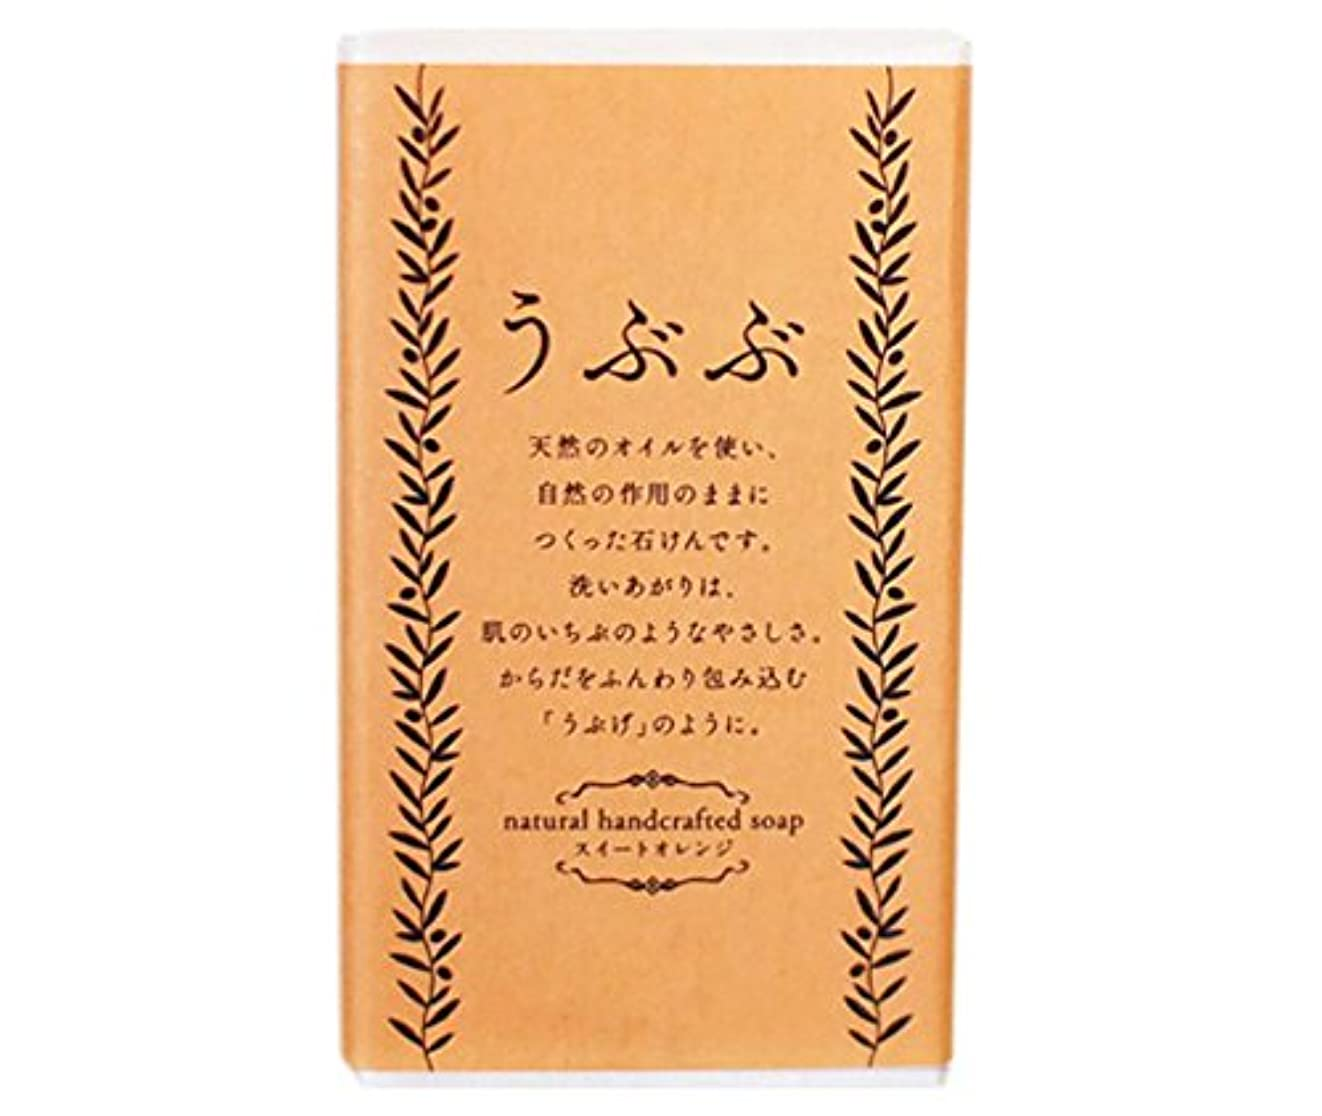 わざわざ国旗将来のうぶぶ 石けん natural handcrafted soap スイートオレンジ